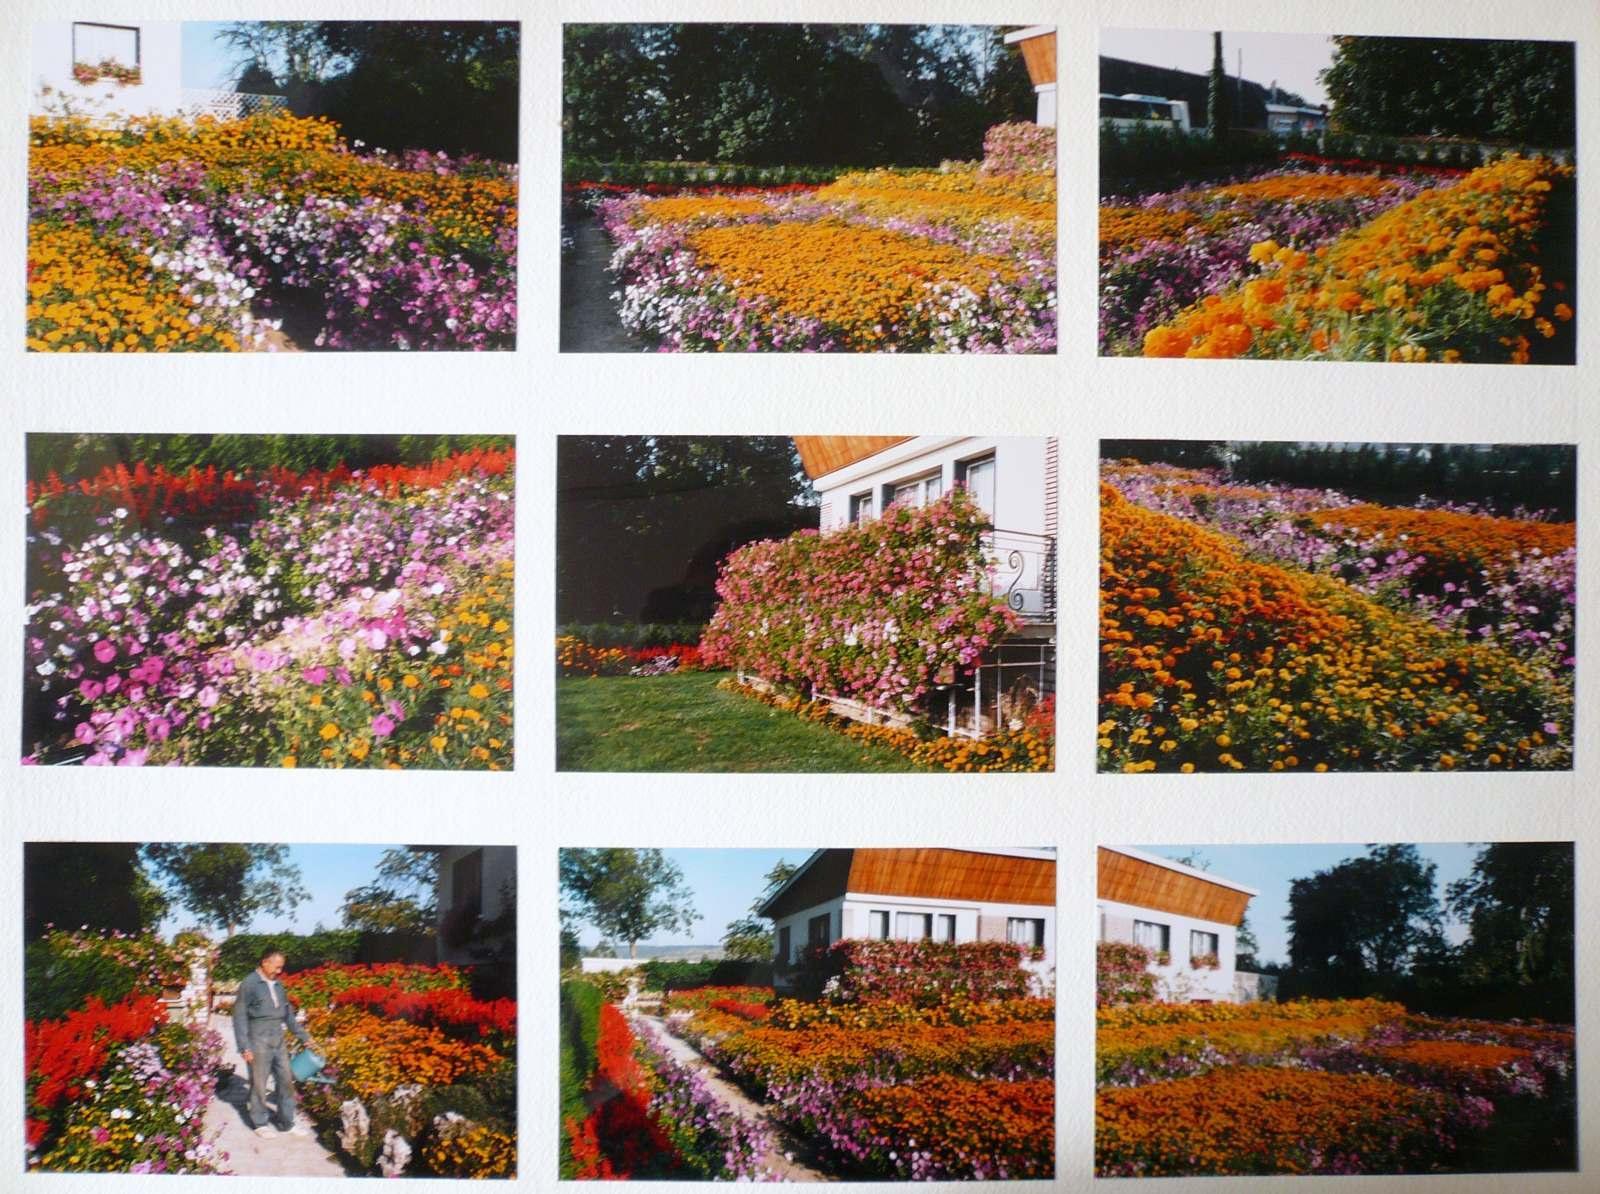 Le jardin de Monsieur Vincent_0